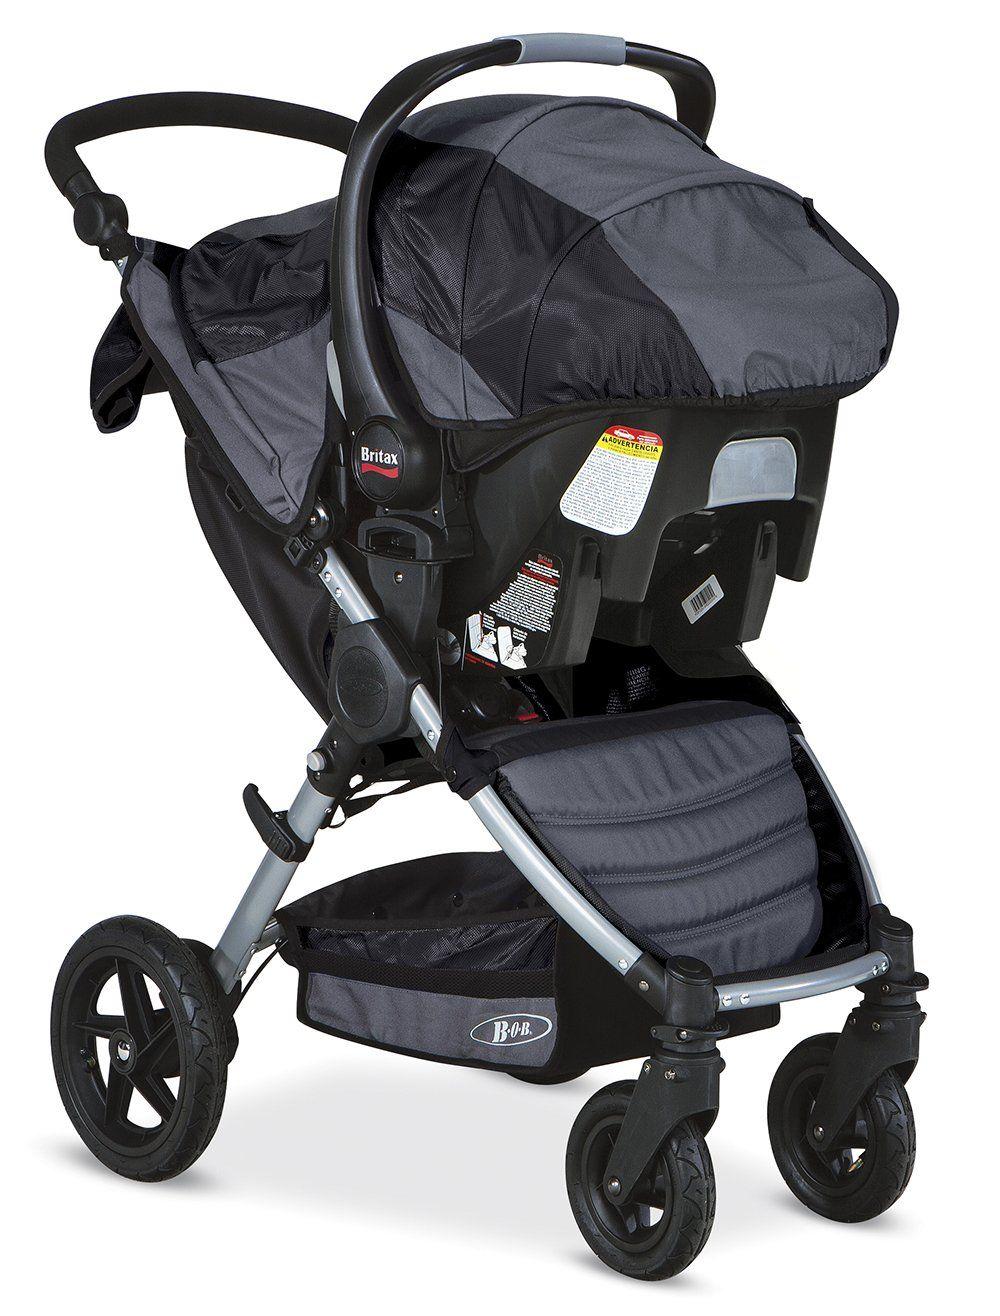 BOB Motion Travel System, Black Baby